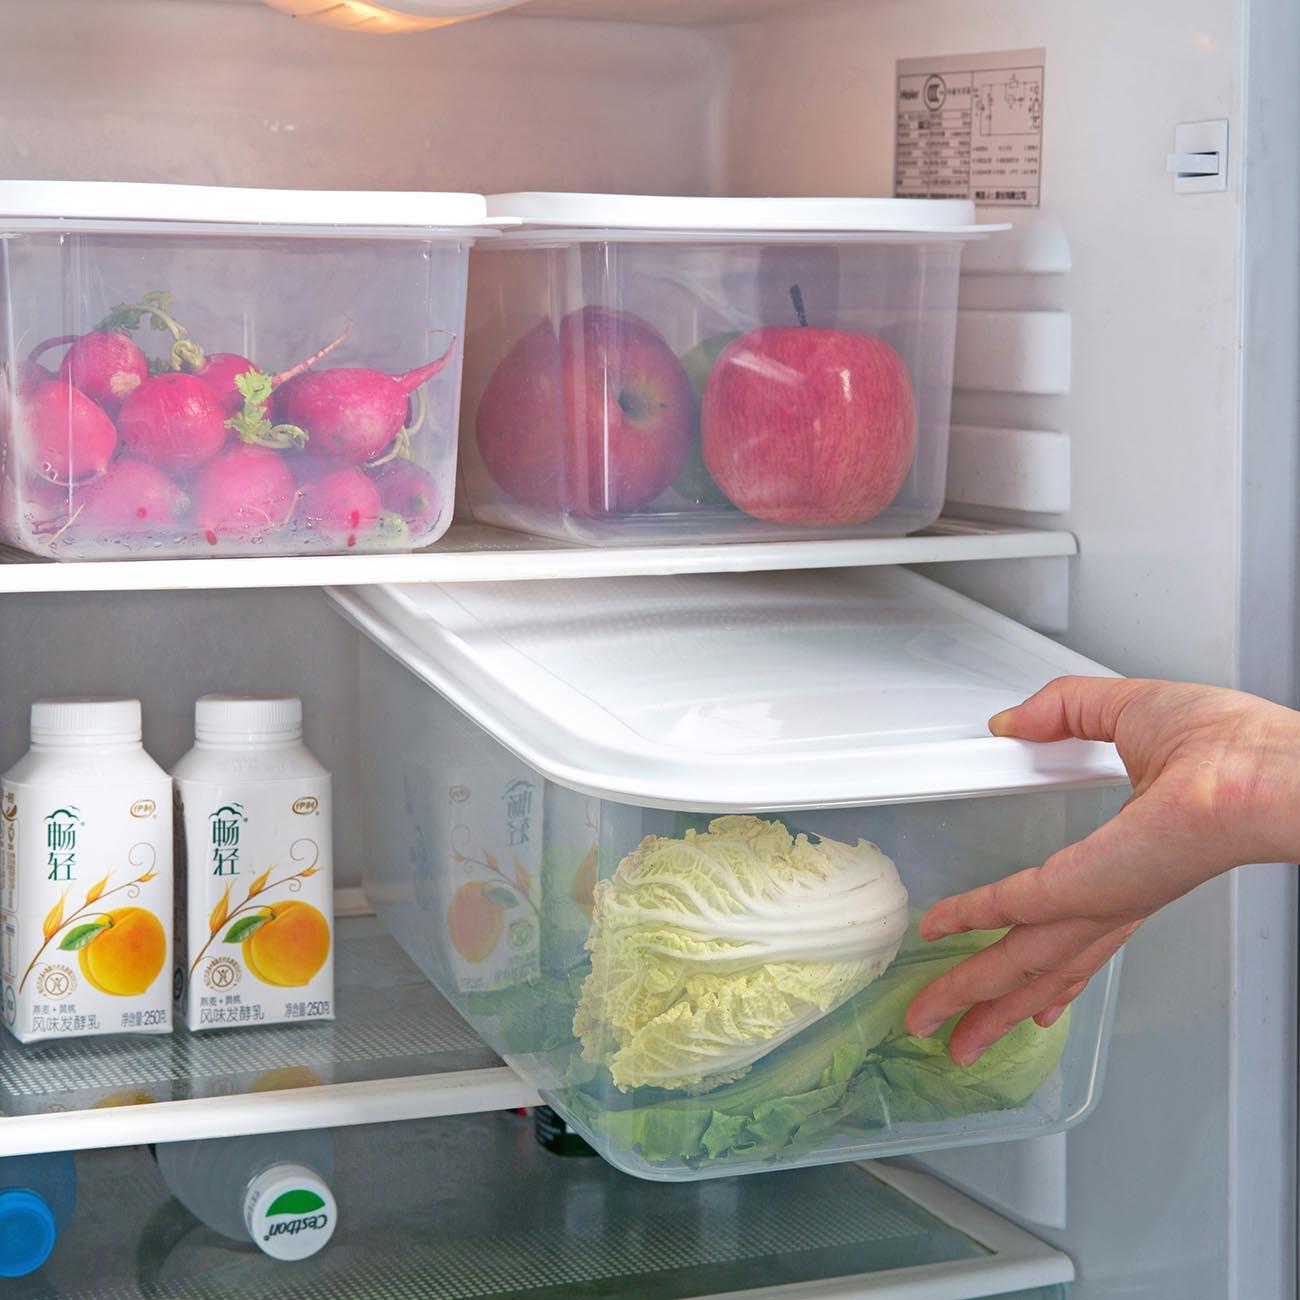 Прозрачный большой еда в холодильнике для хранения коробка чехол герметичный Домашний Органайзер Еда контейнер-холодильник для хранения к...